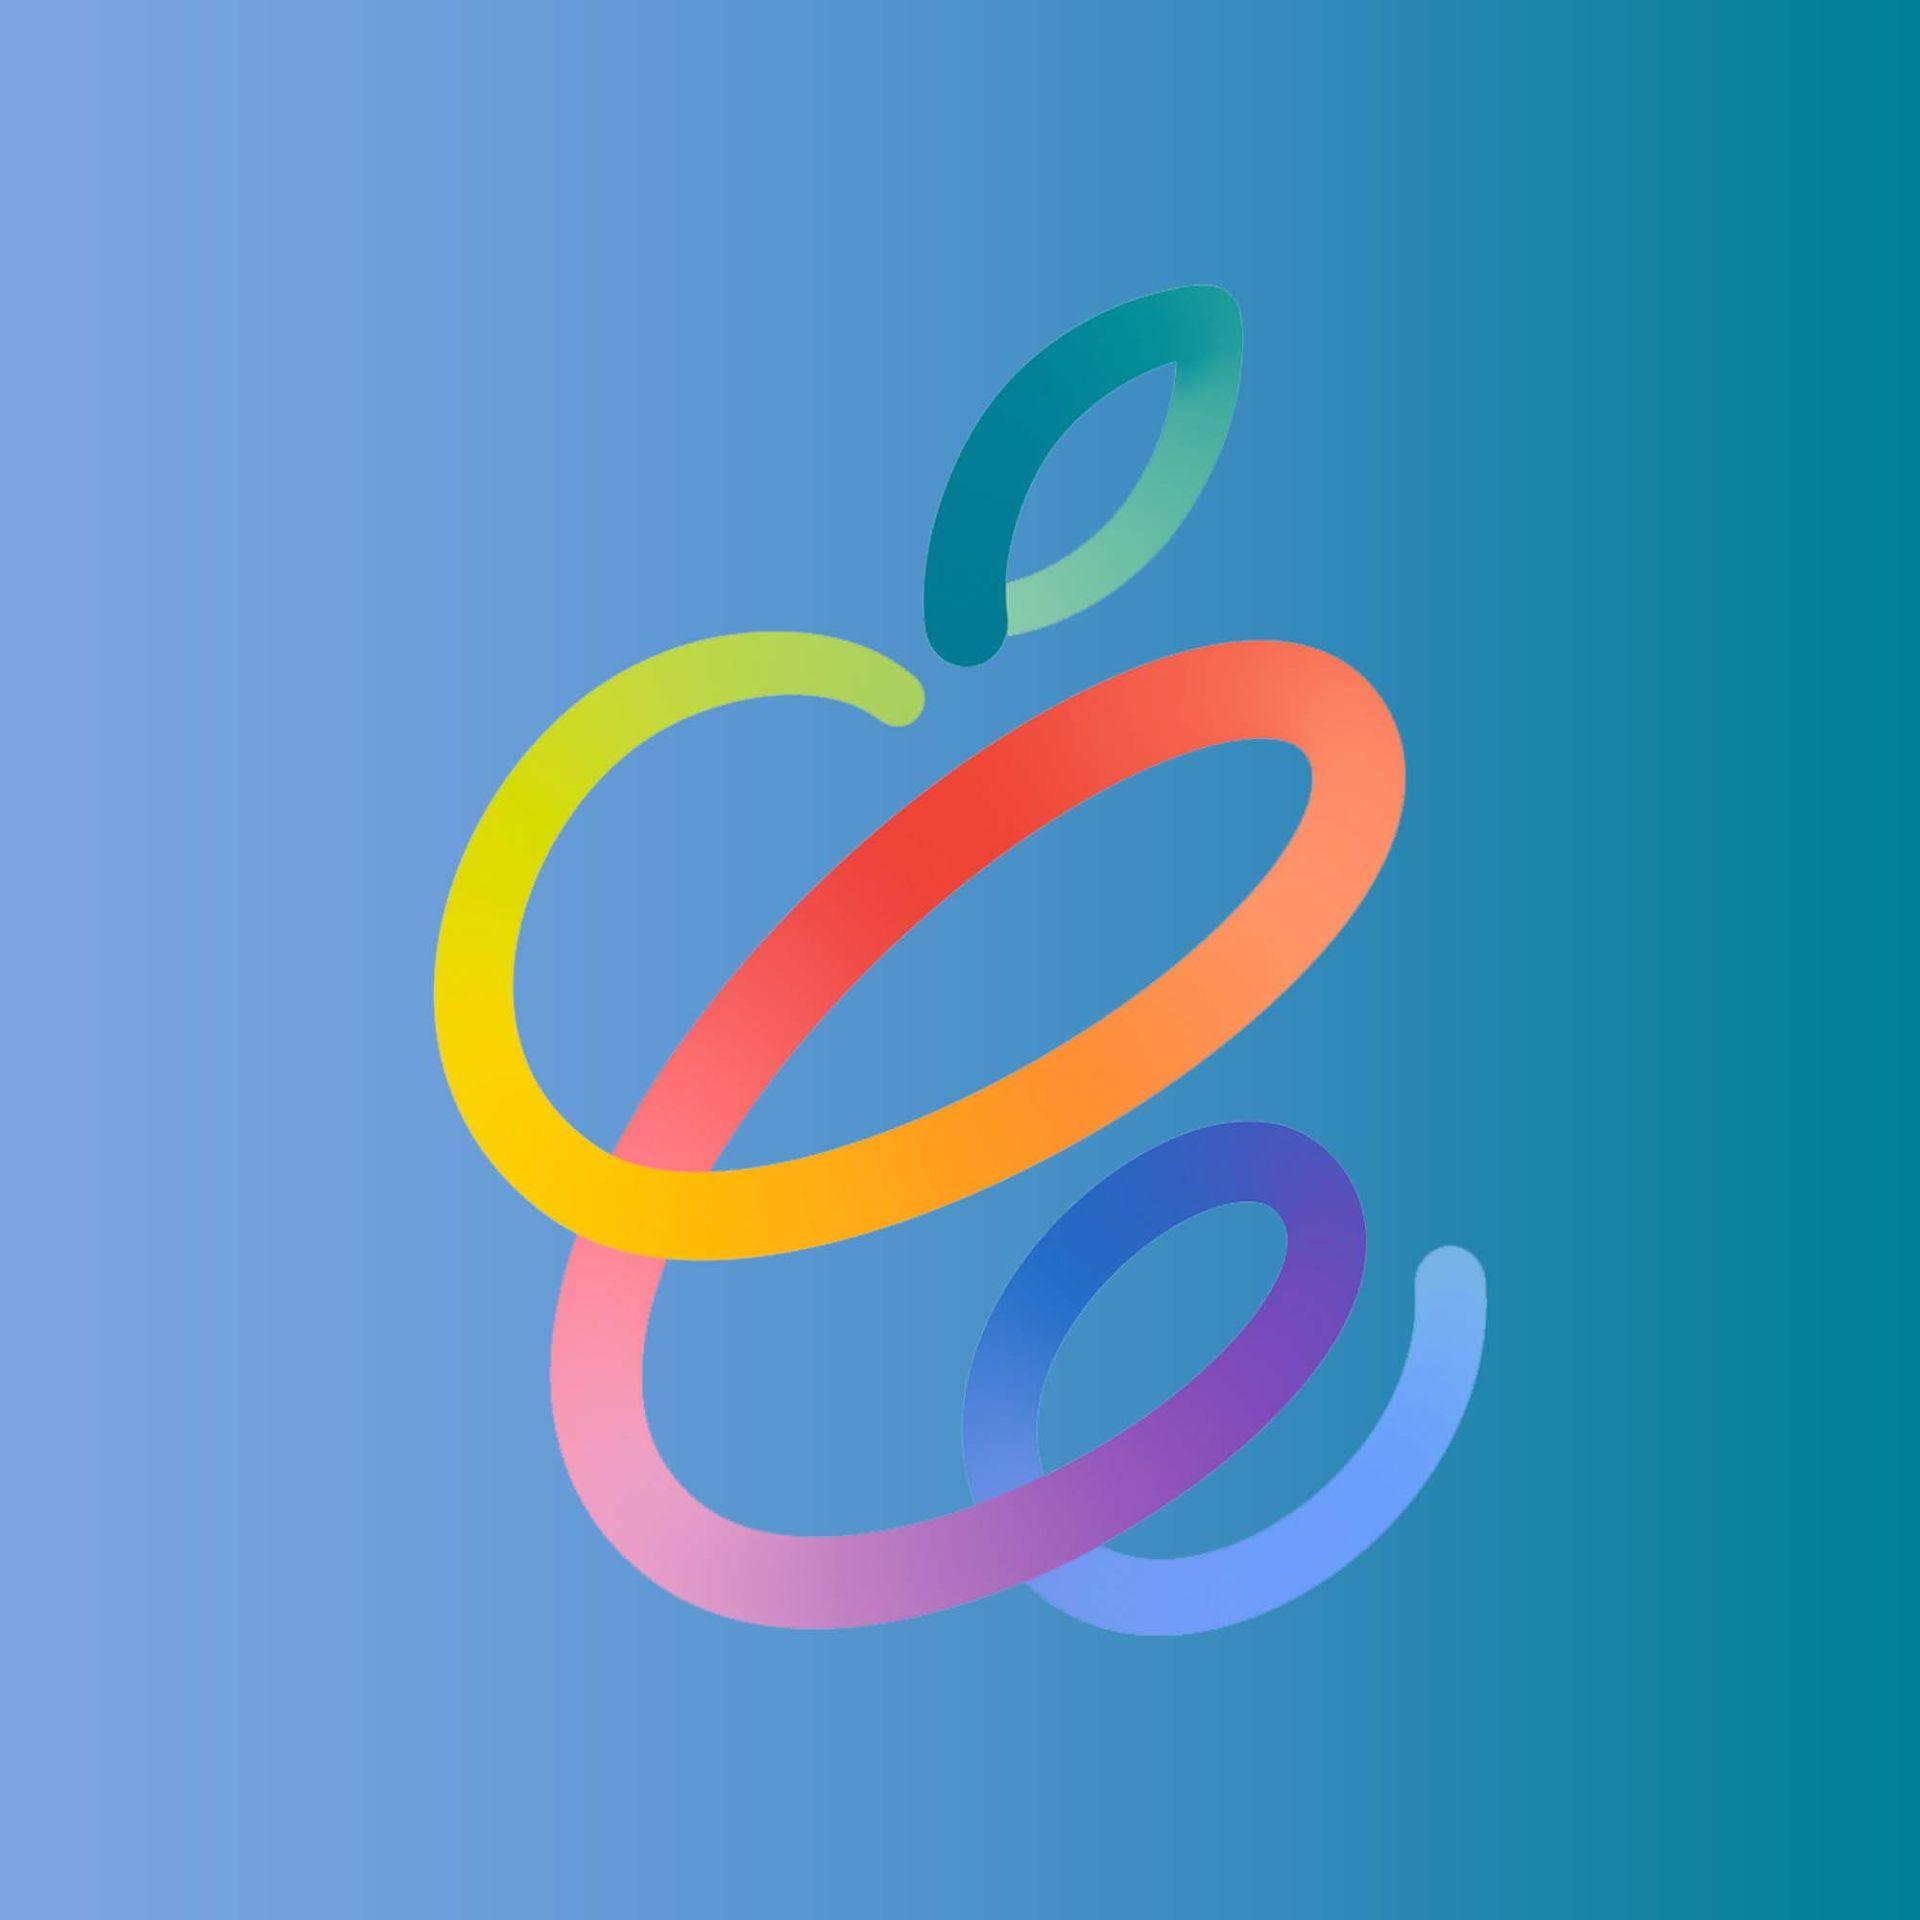 苹果春季新品发布会回顾